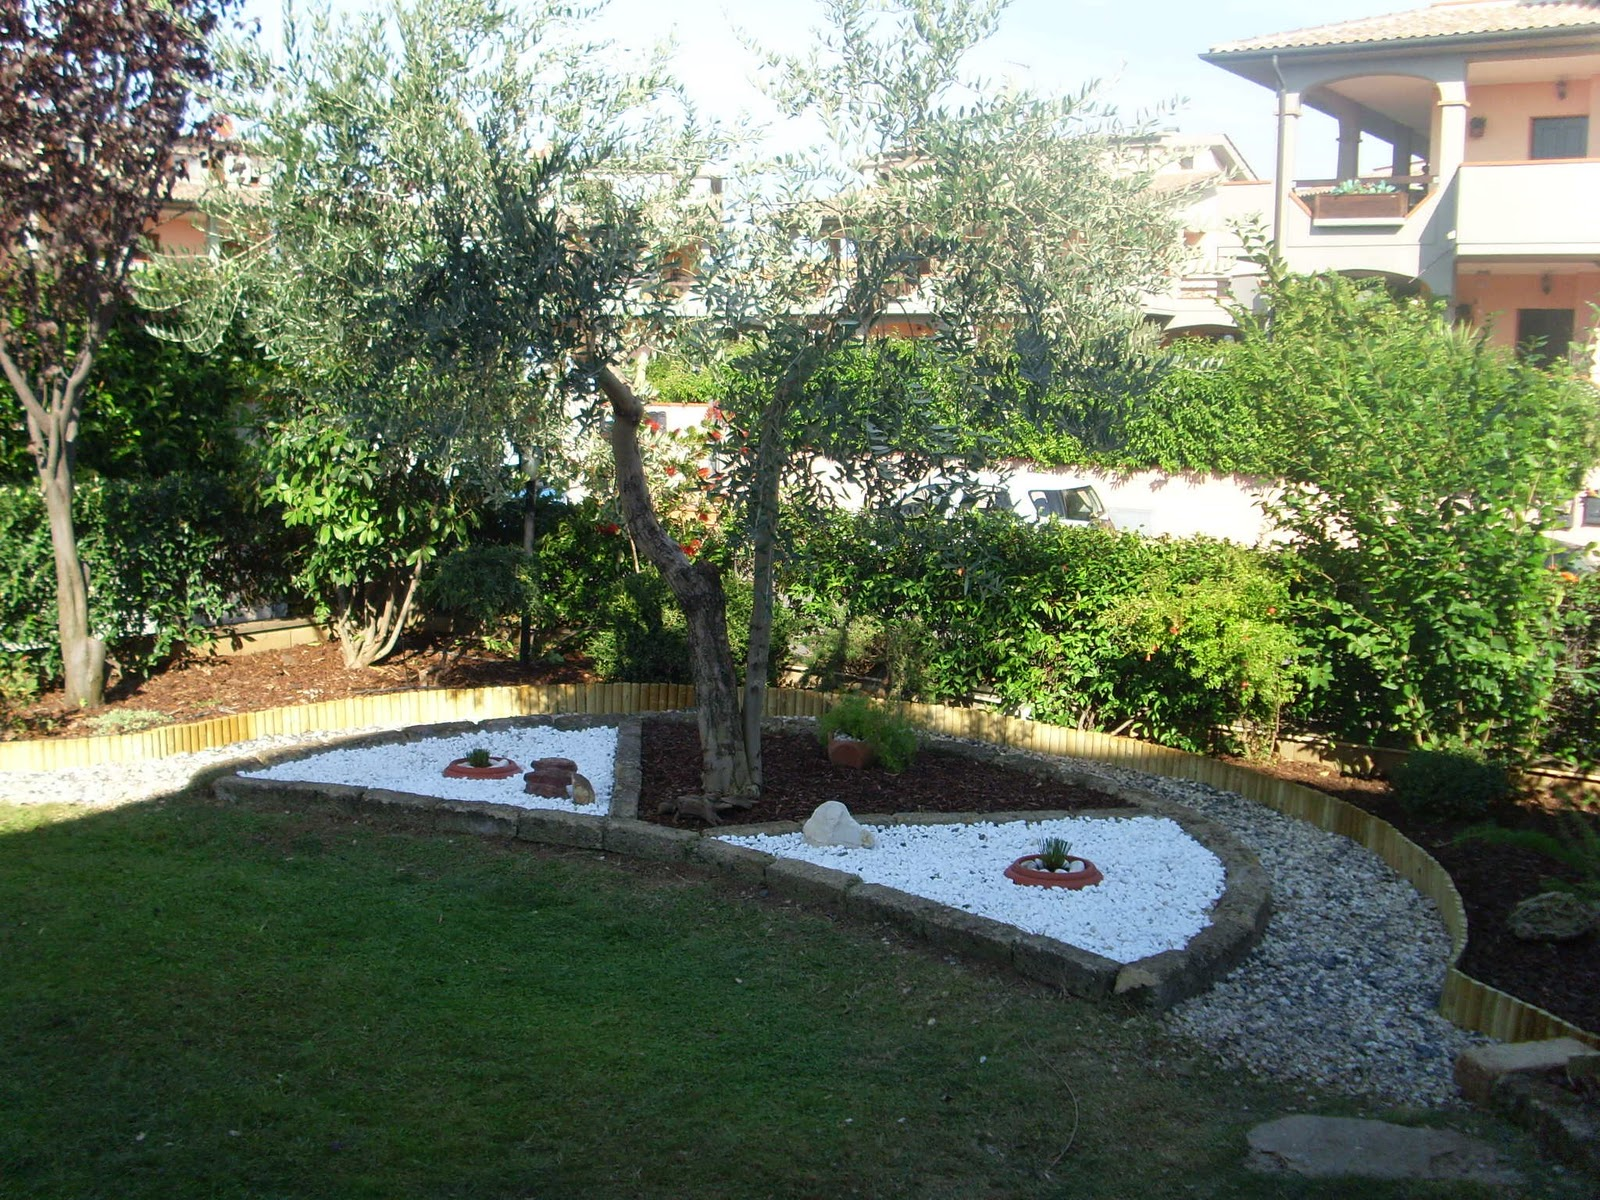 I giardini di carlo e letizia giardino di michela e for Giardini e aiuole